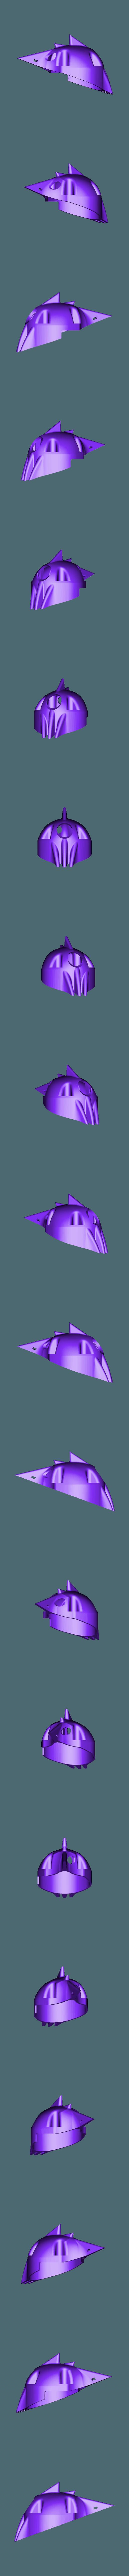 TYRO69 v2-CANOPY.STL Télécharger fichier STL TYRO69 - LÉZARD MORT • Design pour imprimante 3D, bopiloot